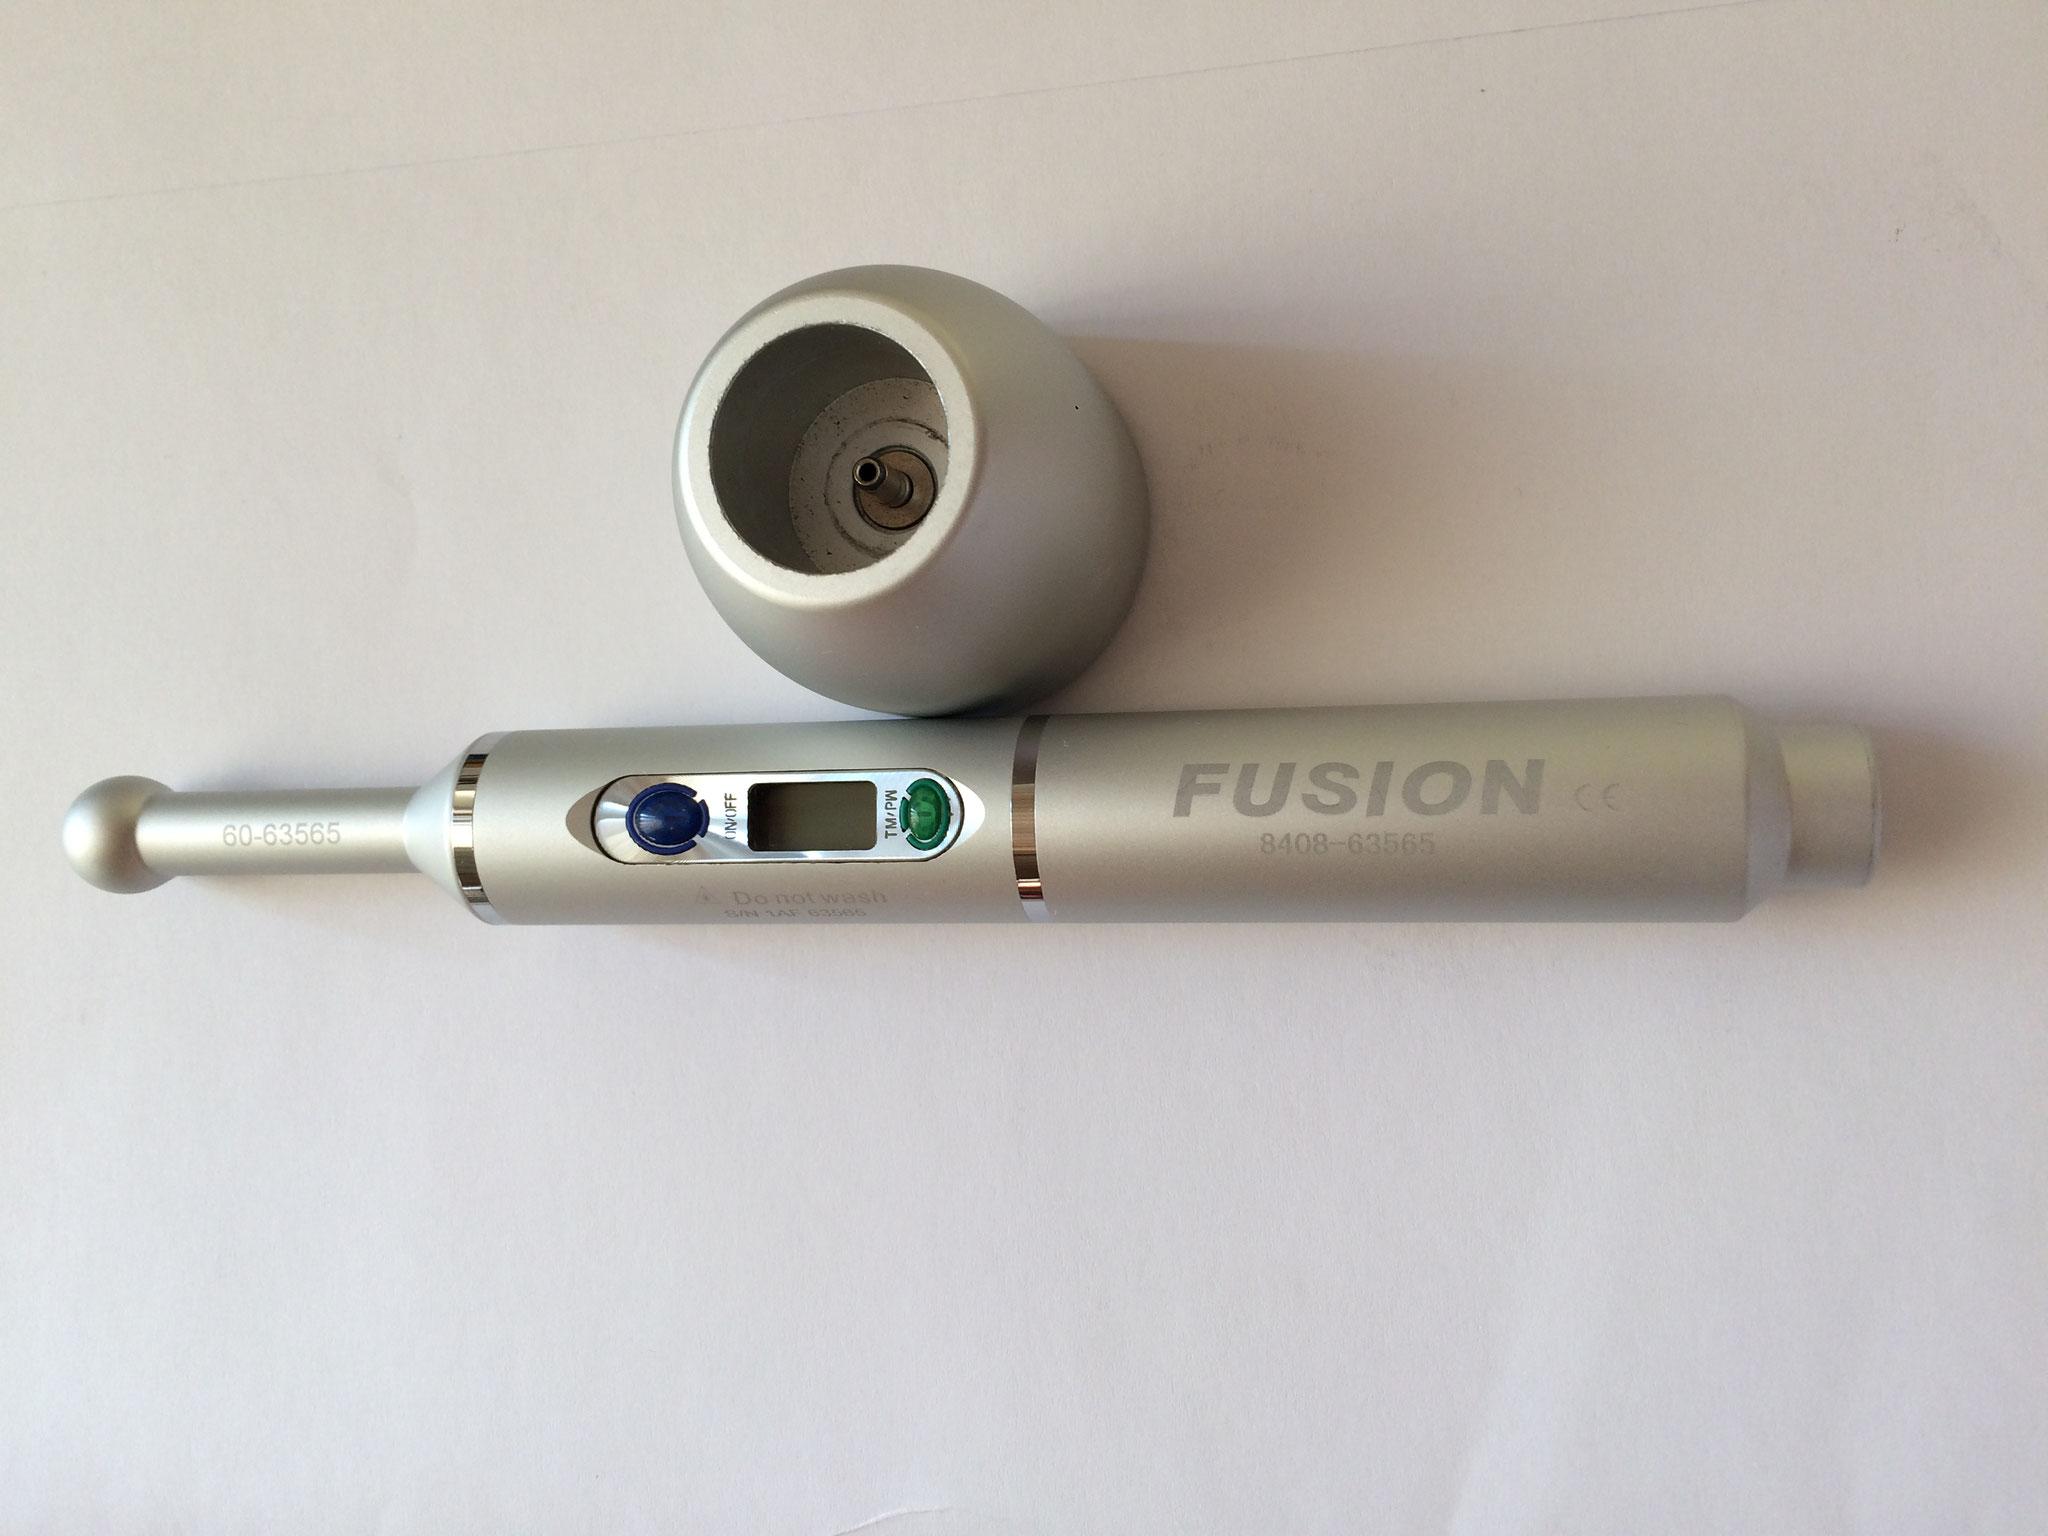 Fusion Polymerisationsgerät für Zahnärzte. Akkutausch bei Dr. Akku